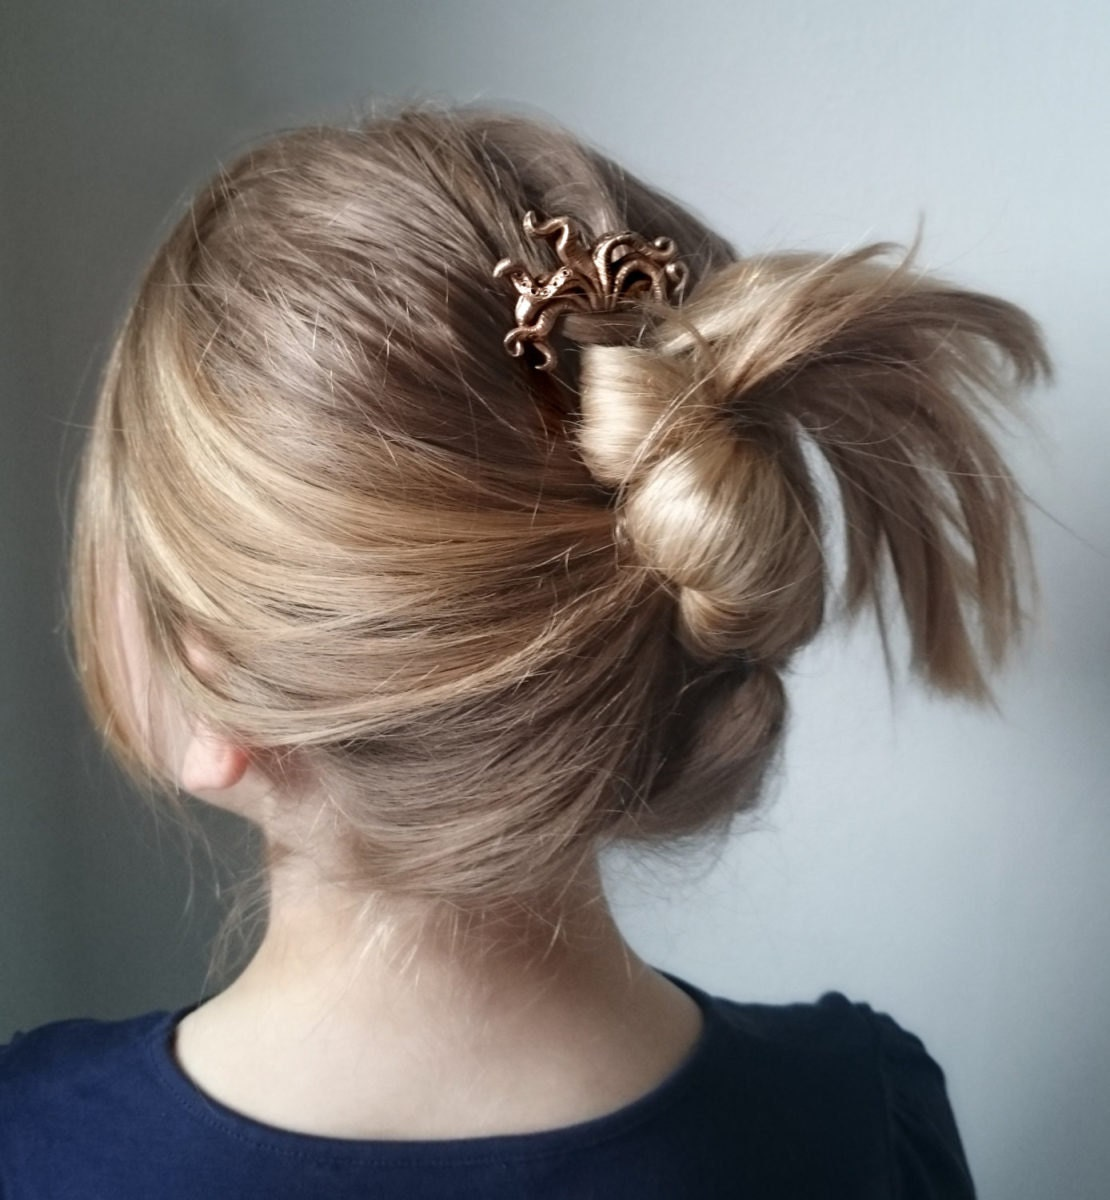 octopus_hair_stick